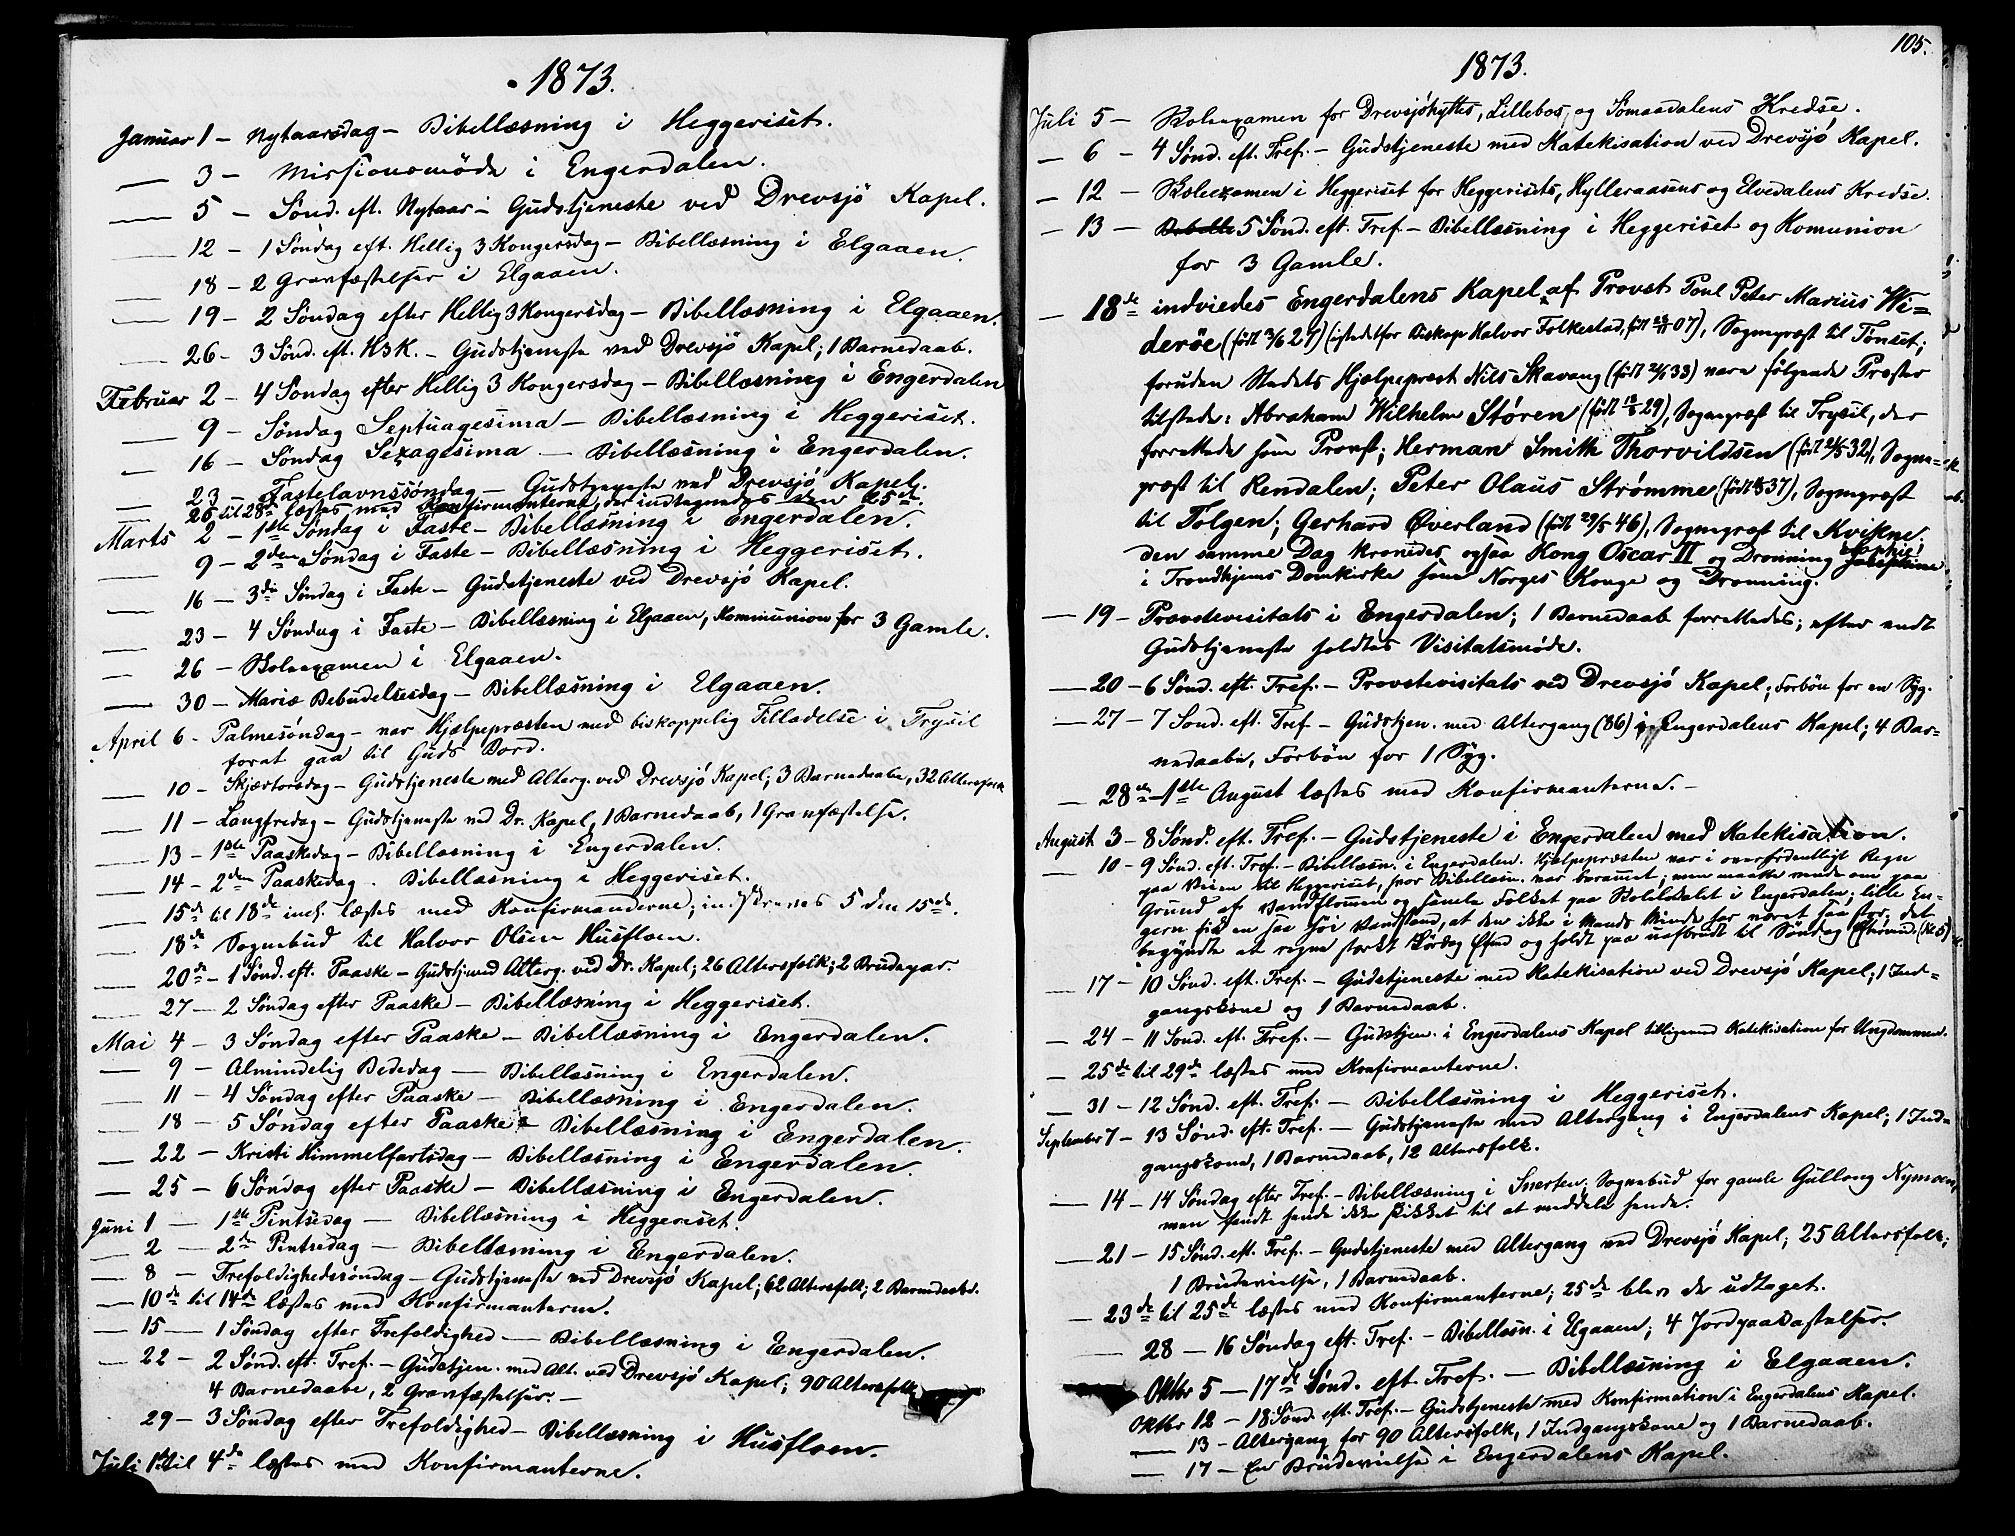 SAH, Rendalen prestekontor, H/Ha/Hab/L0002: Klokkerbok nr. 2, 1858-1880, s. 105